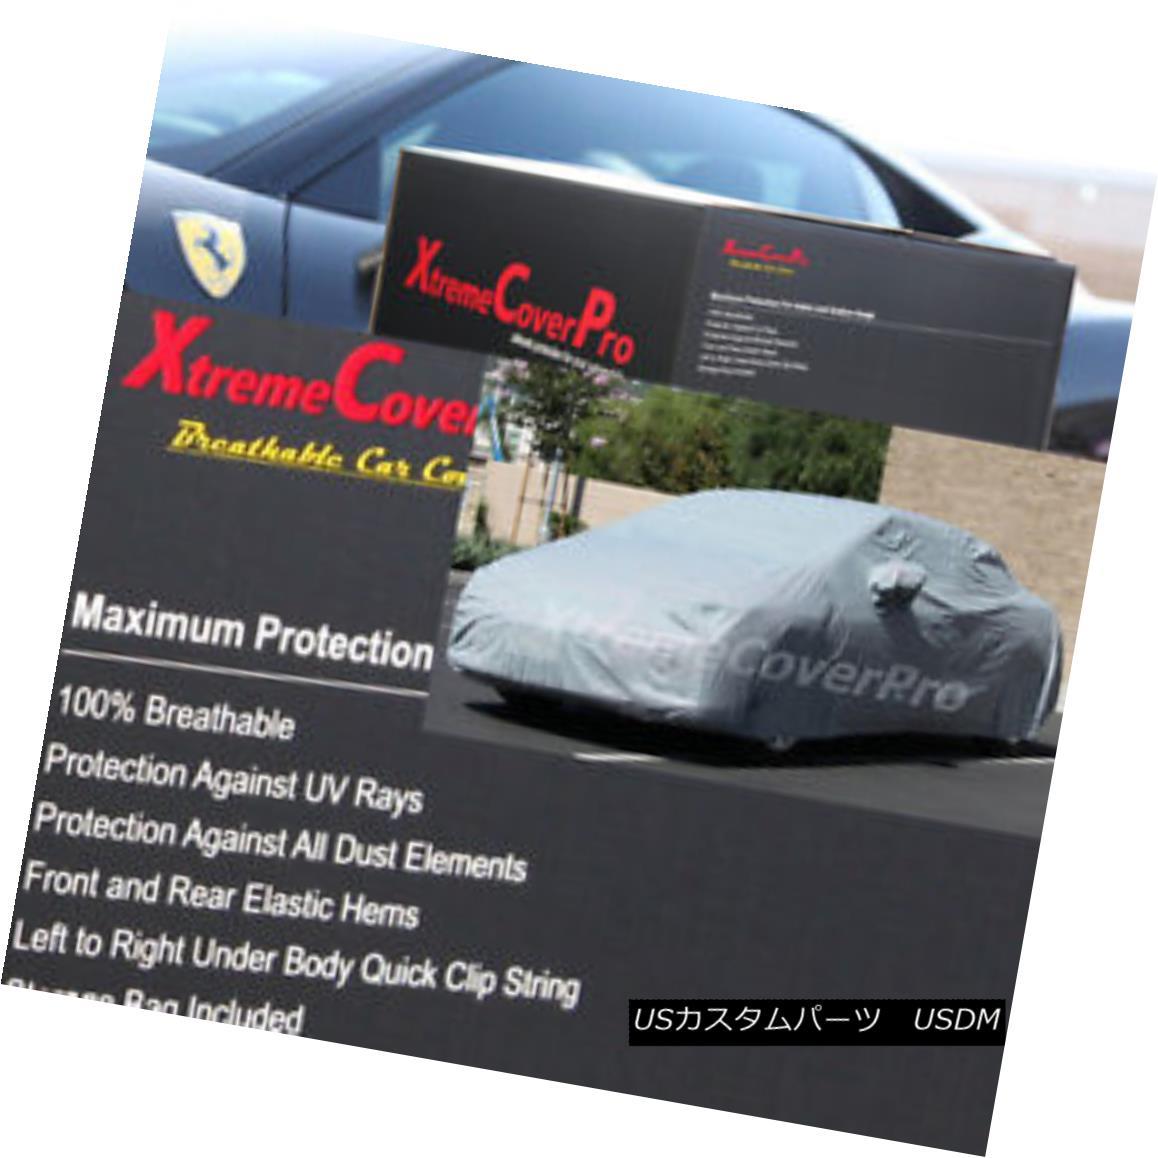 カーカバー 2013 Mitsubishi Lancer Breathable Car Cover w/MirrorPocket 2013年三菱ランサー通気性車カバー付きMirrorPocket